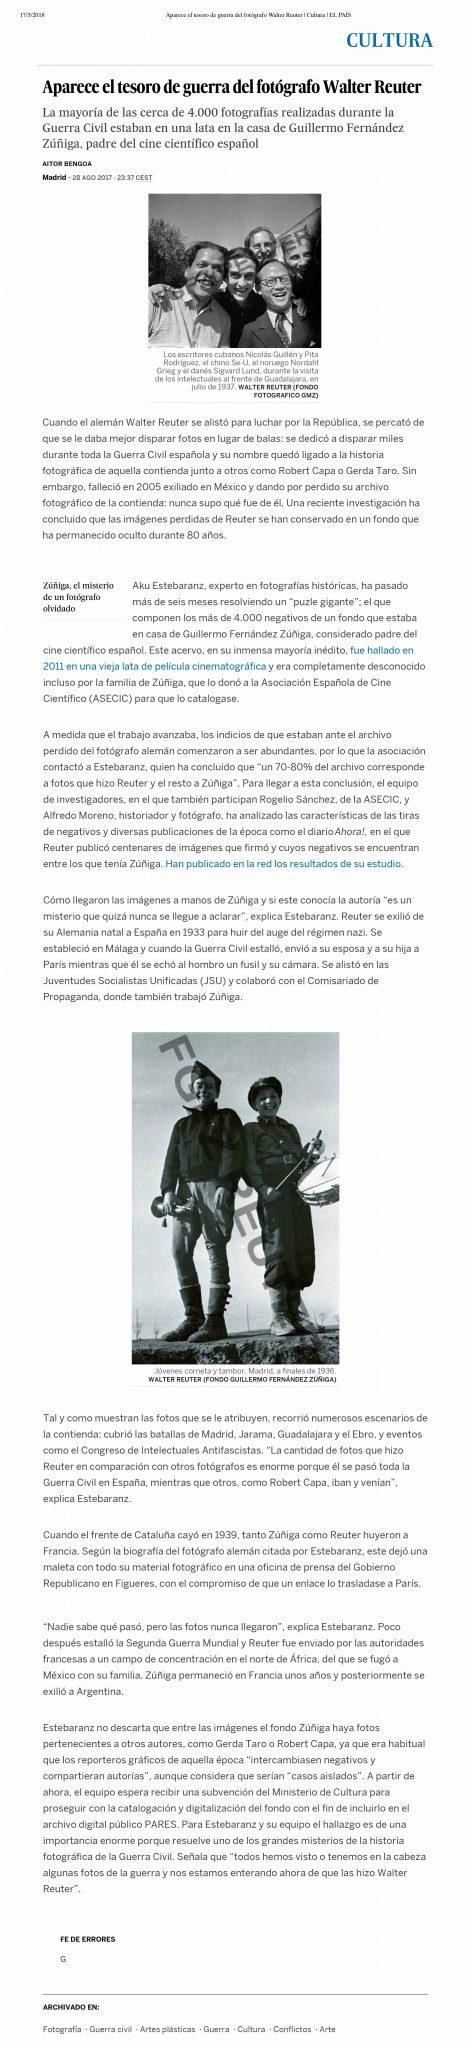 El País, el archivo fotográfico de Walter Reuter